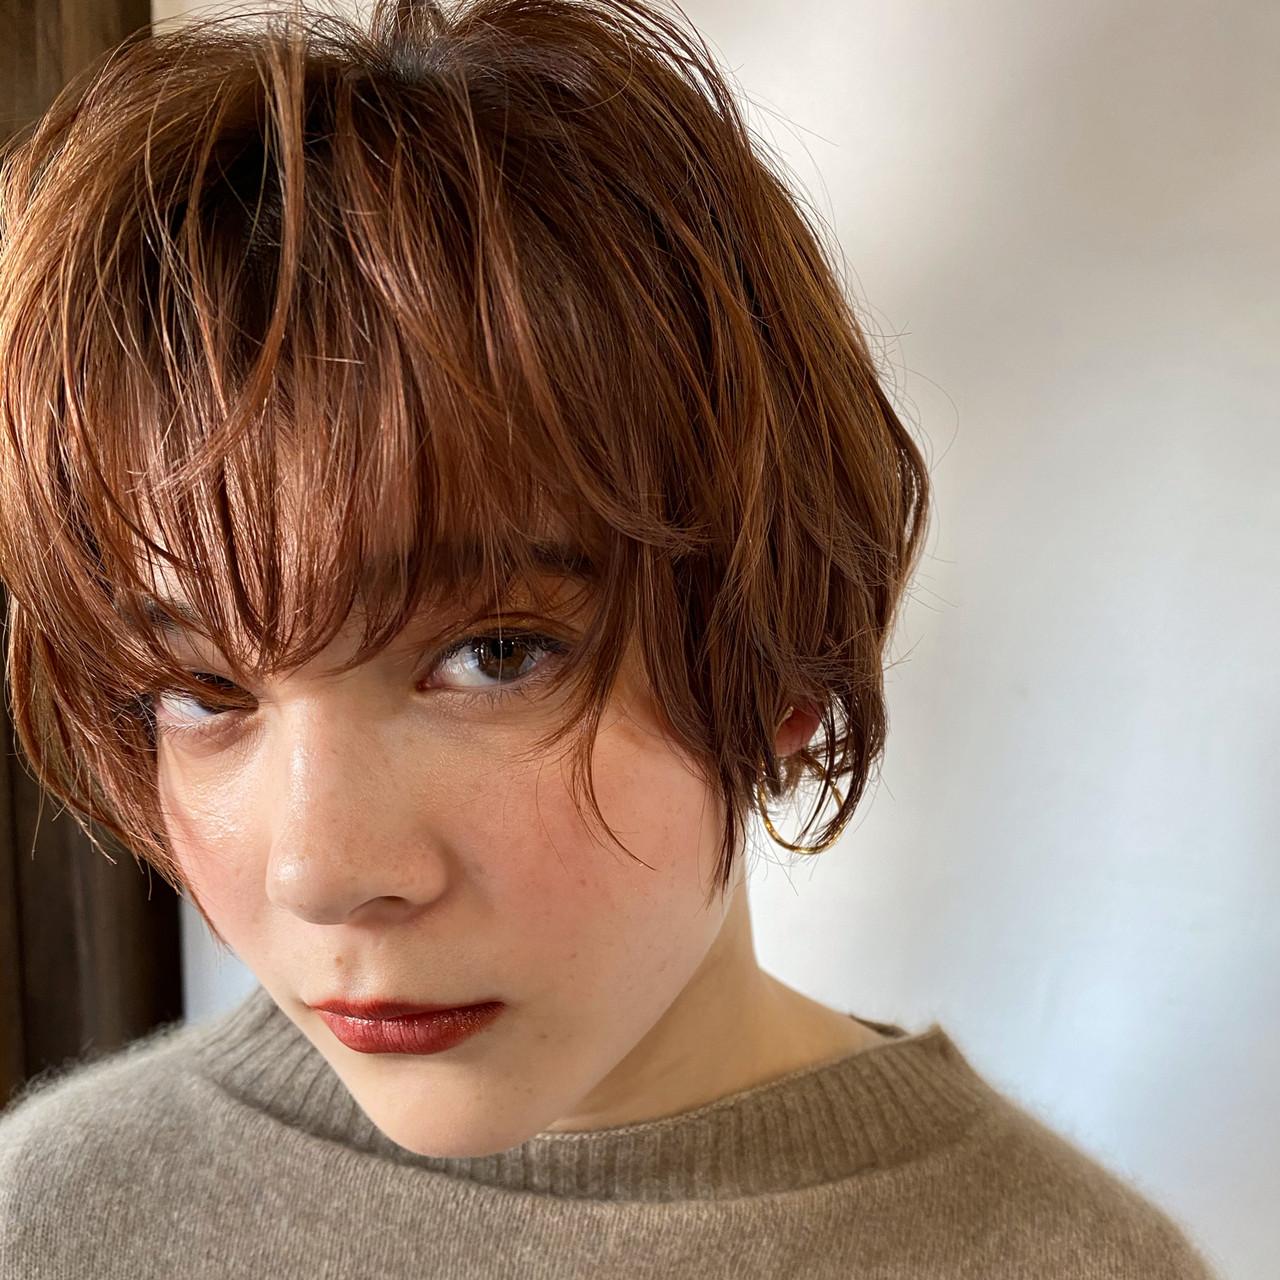 ショート 外国人風パーマ マッシュショート アンニュイほつれヘア ヘアスタイルや髪型の写真・画像